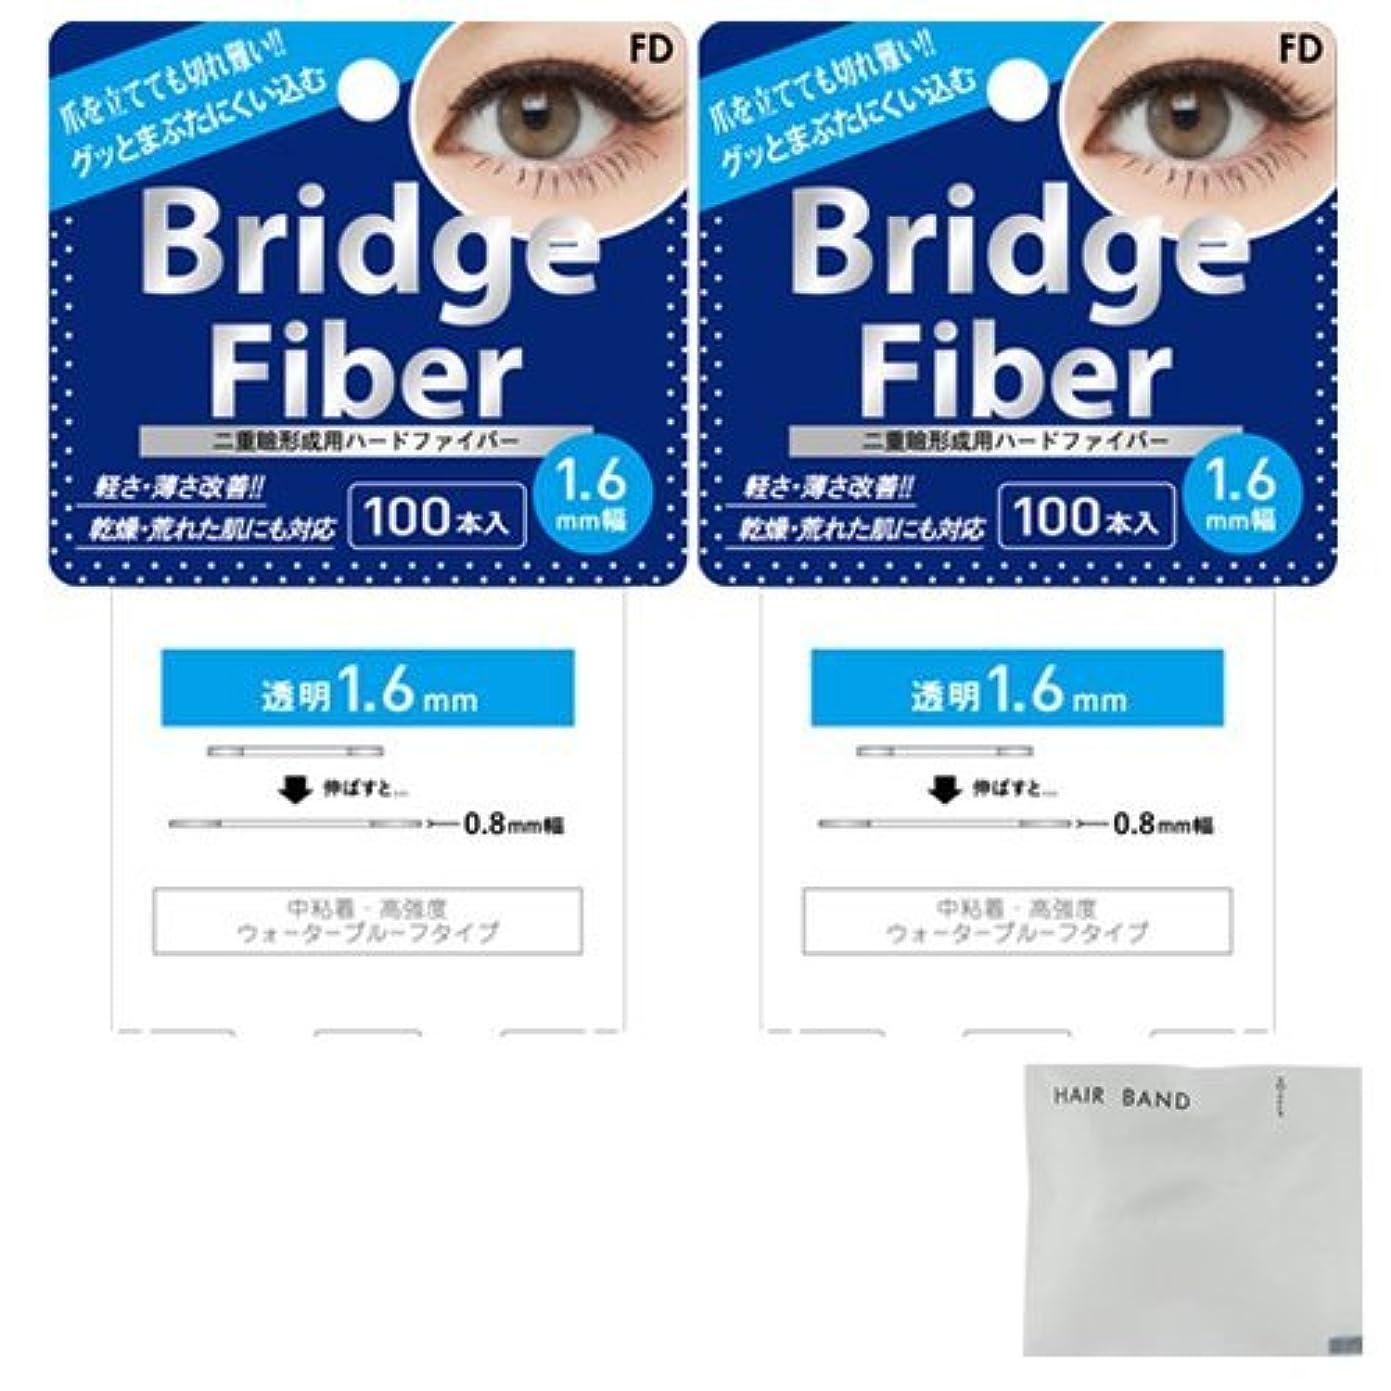 インペリアル構想する北FD ブリッジファイバーⅡ (Bridge Fiber) クリア1.6mm×2個 + ヘアゴム(カラーはおまかせ)セット